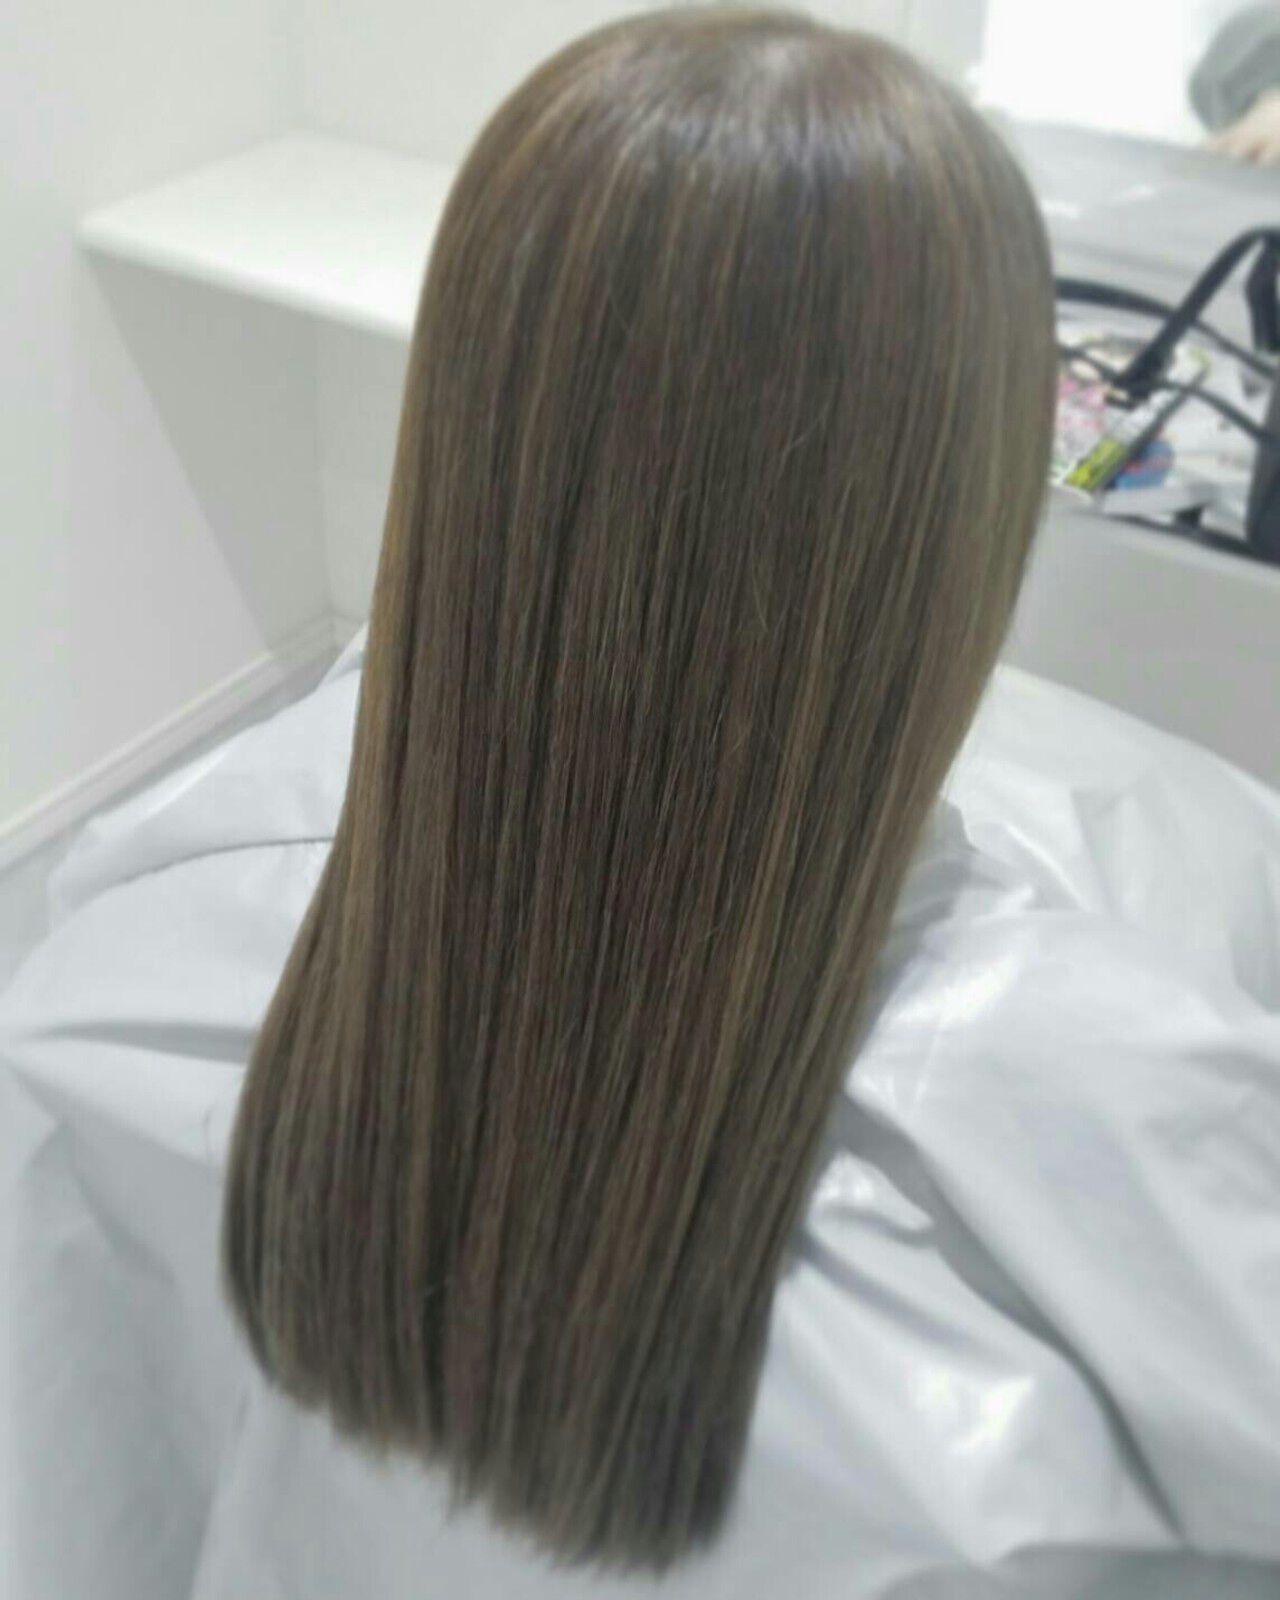 アッシュ ハイライト ストレート ブルージュヘアスタイルや髪型の写真・画像